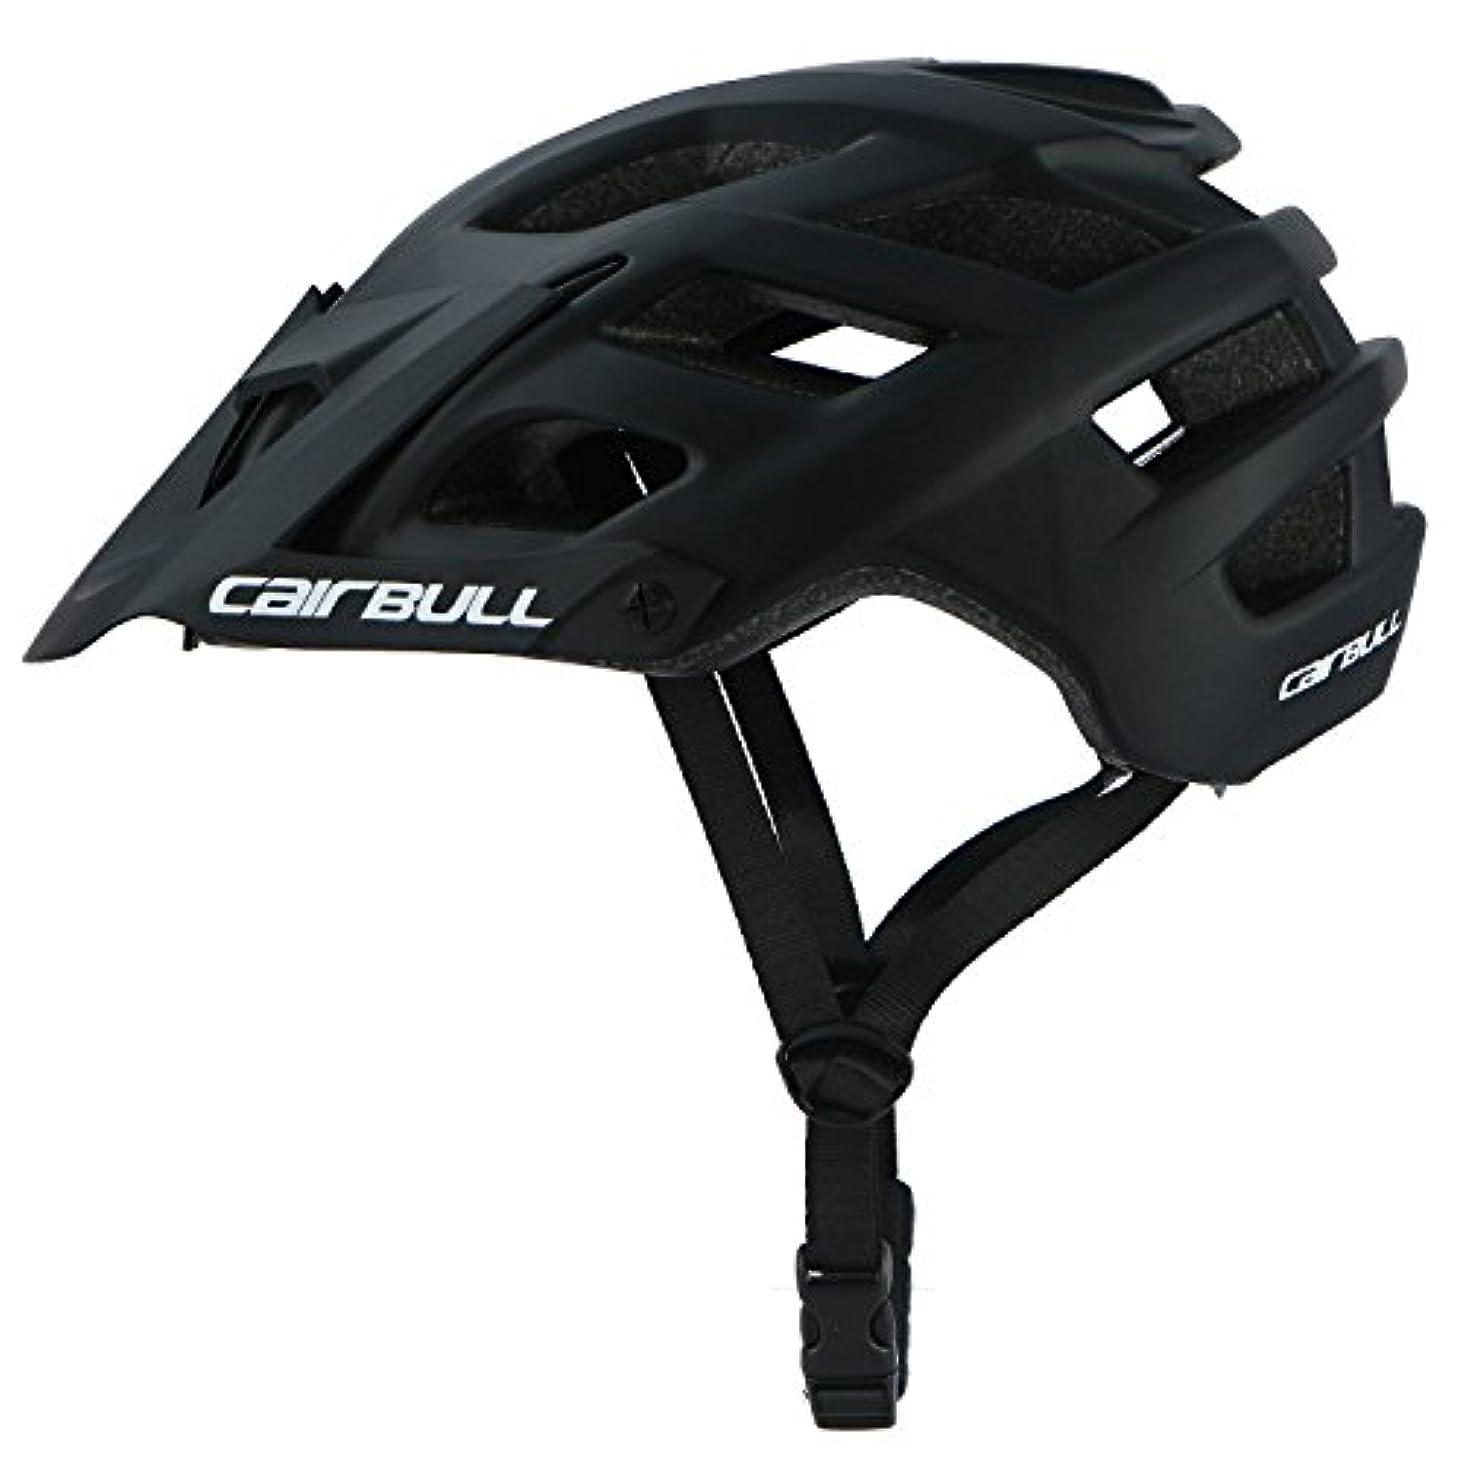 空がっかりする守銭奴自転車サイクルヘルメット 可動式バイザー付き サイズ調整可能 56-60cm 衝撃吸収 軽量 保護用ヘルメット 24通気口を備えた 男女兼用